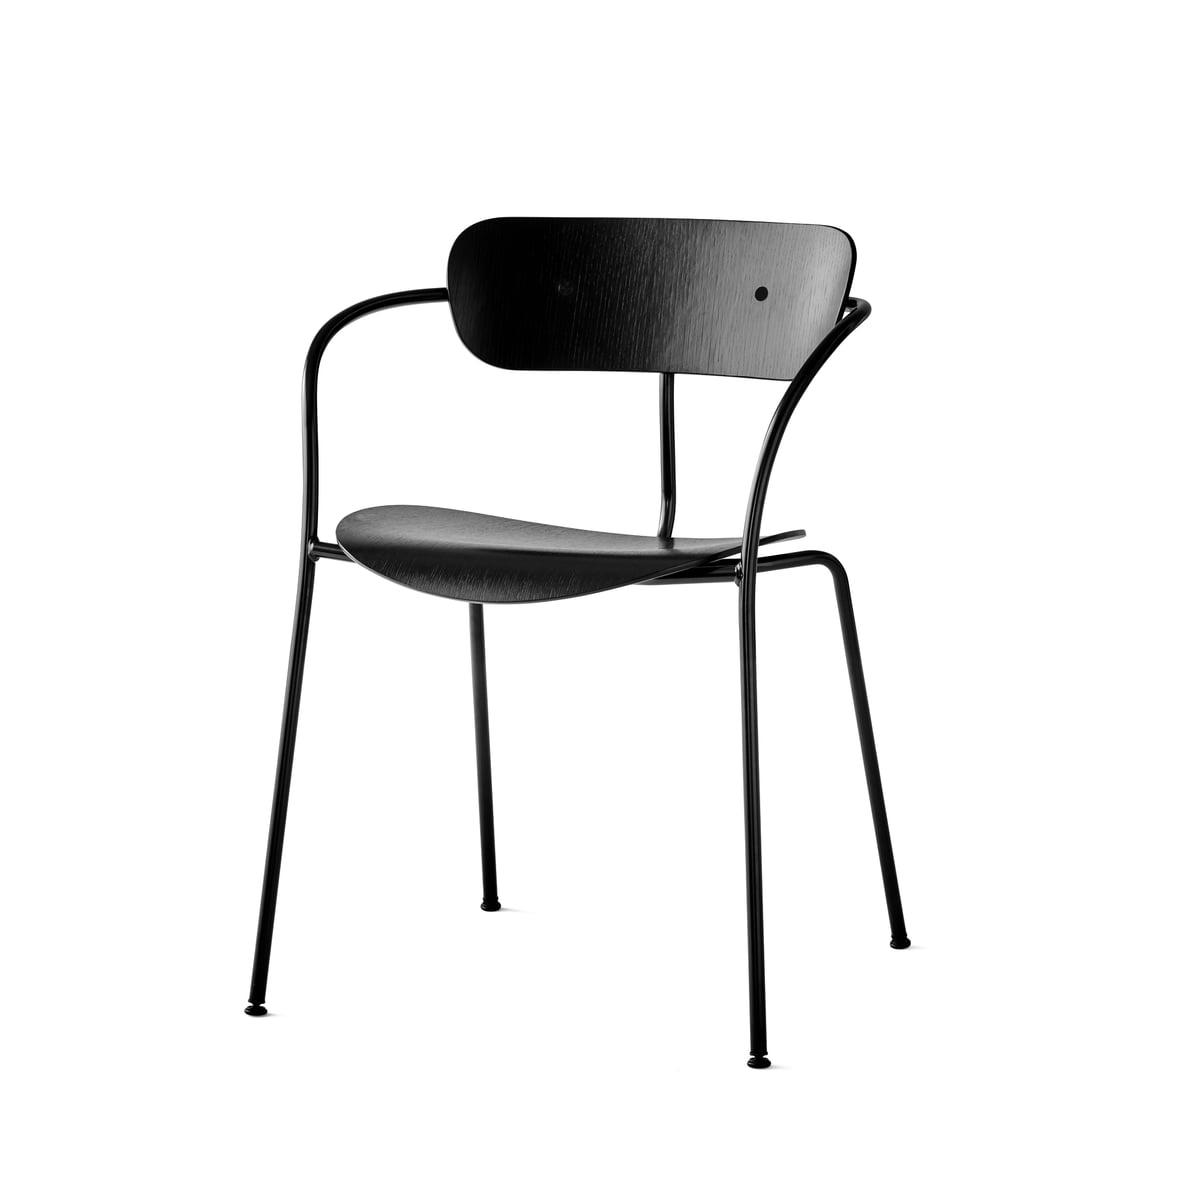 La Chaise Avec Accoudoirs Pavilion Par Tradition Un Cadre Noir Chene Laque